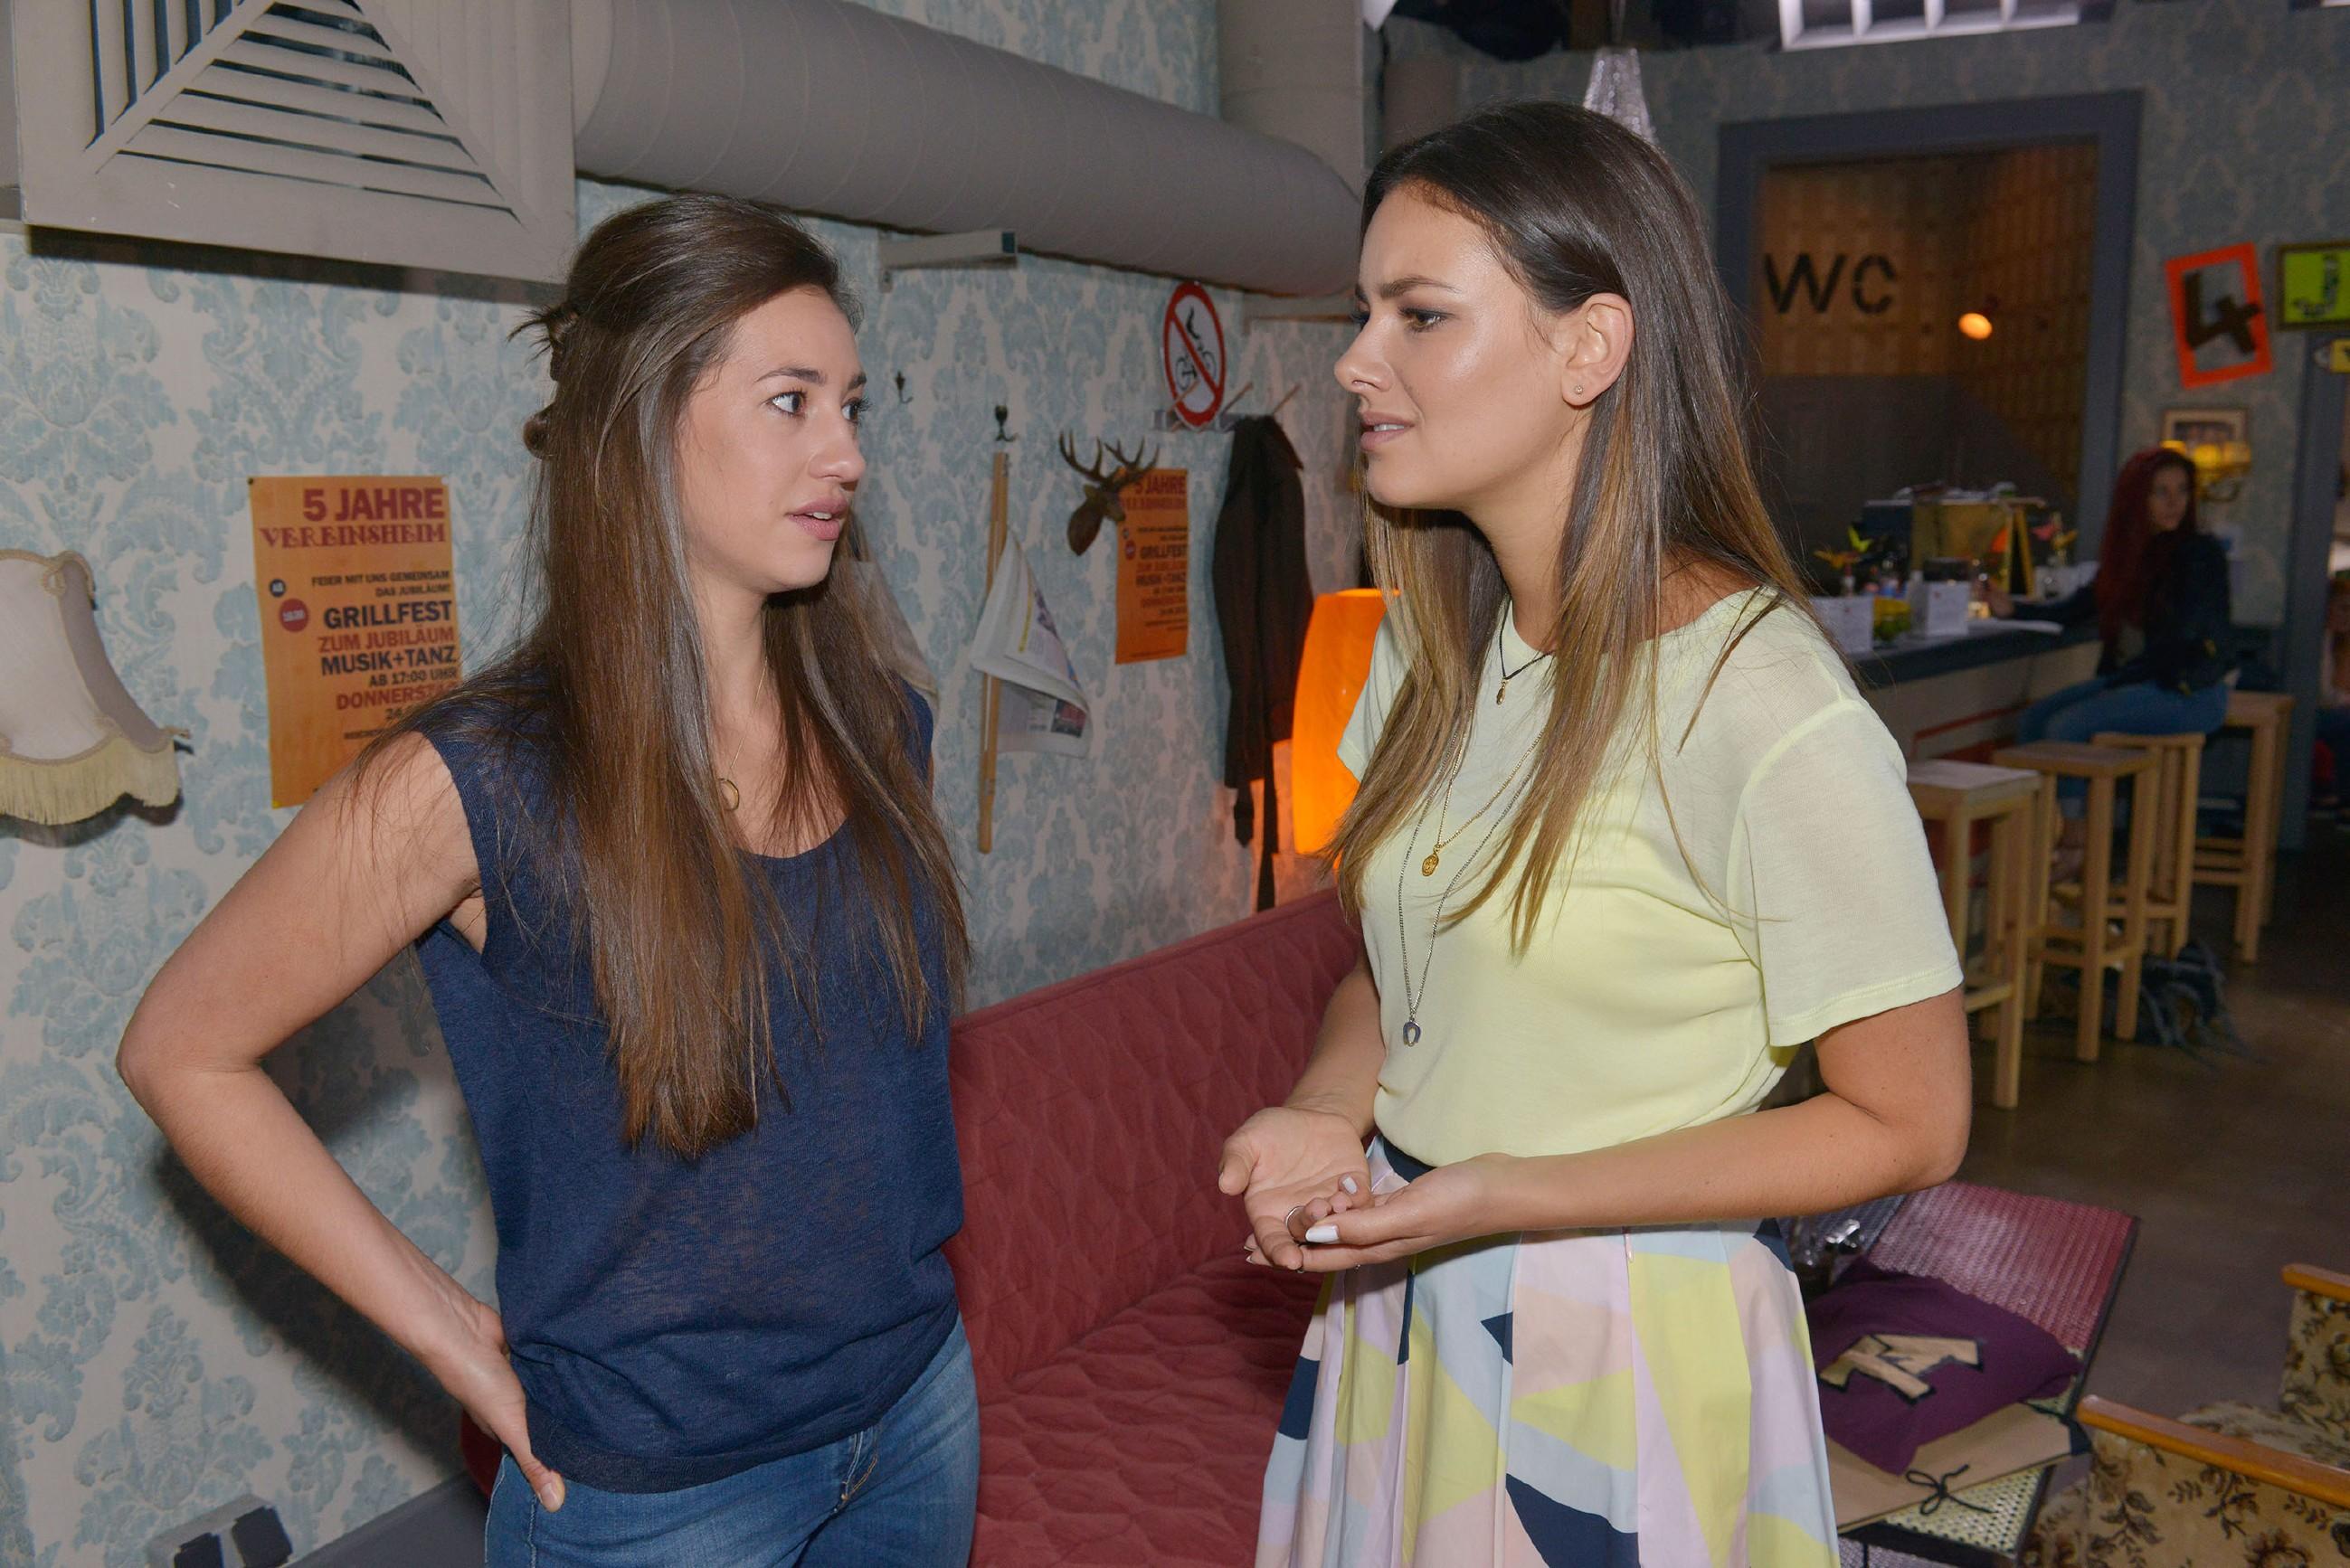 Jasmin (Janina Uhse, r.) spürt, wie enttäuscht Elena (Elena Garcia Gerlach) von Johns Verhalten ist. (Quelle: © RTL / Rolf Baumgartner)